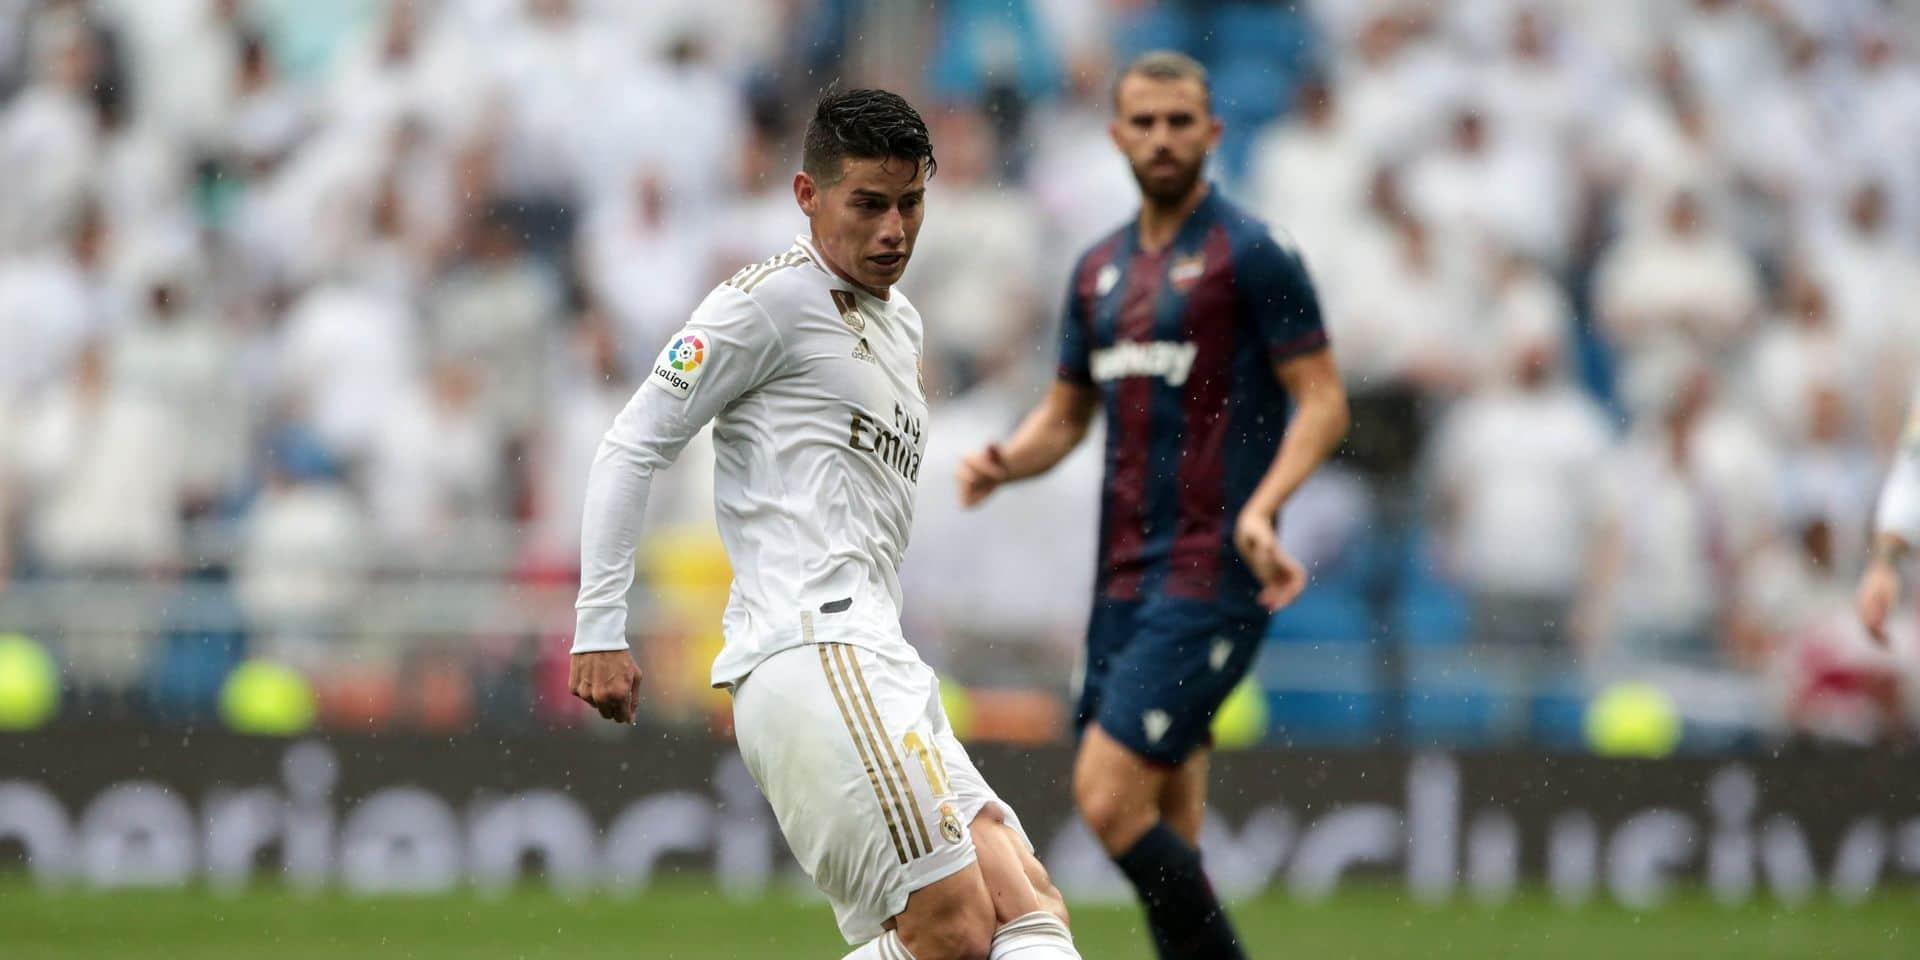 Malgré un retour face à la Sociedad, James Rodriguez se sent mal au Real qu'il devrait quitter cet été